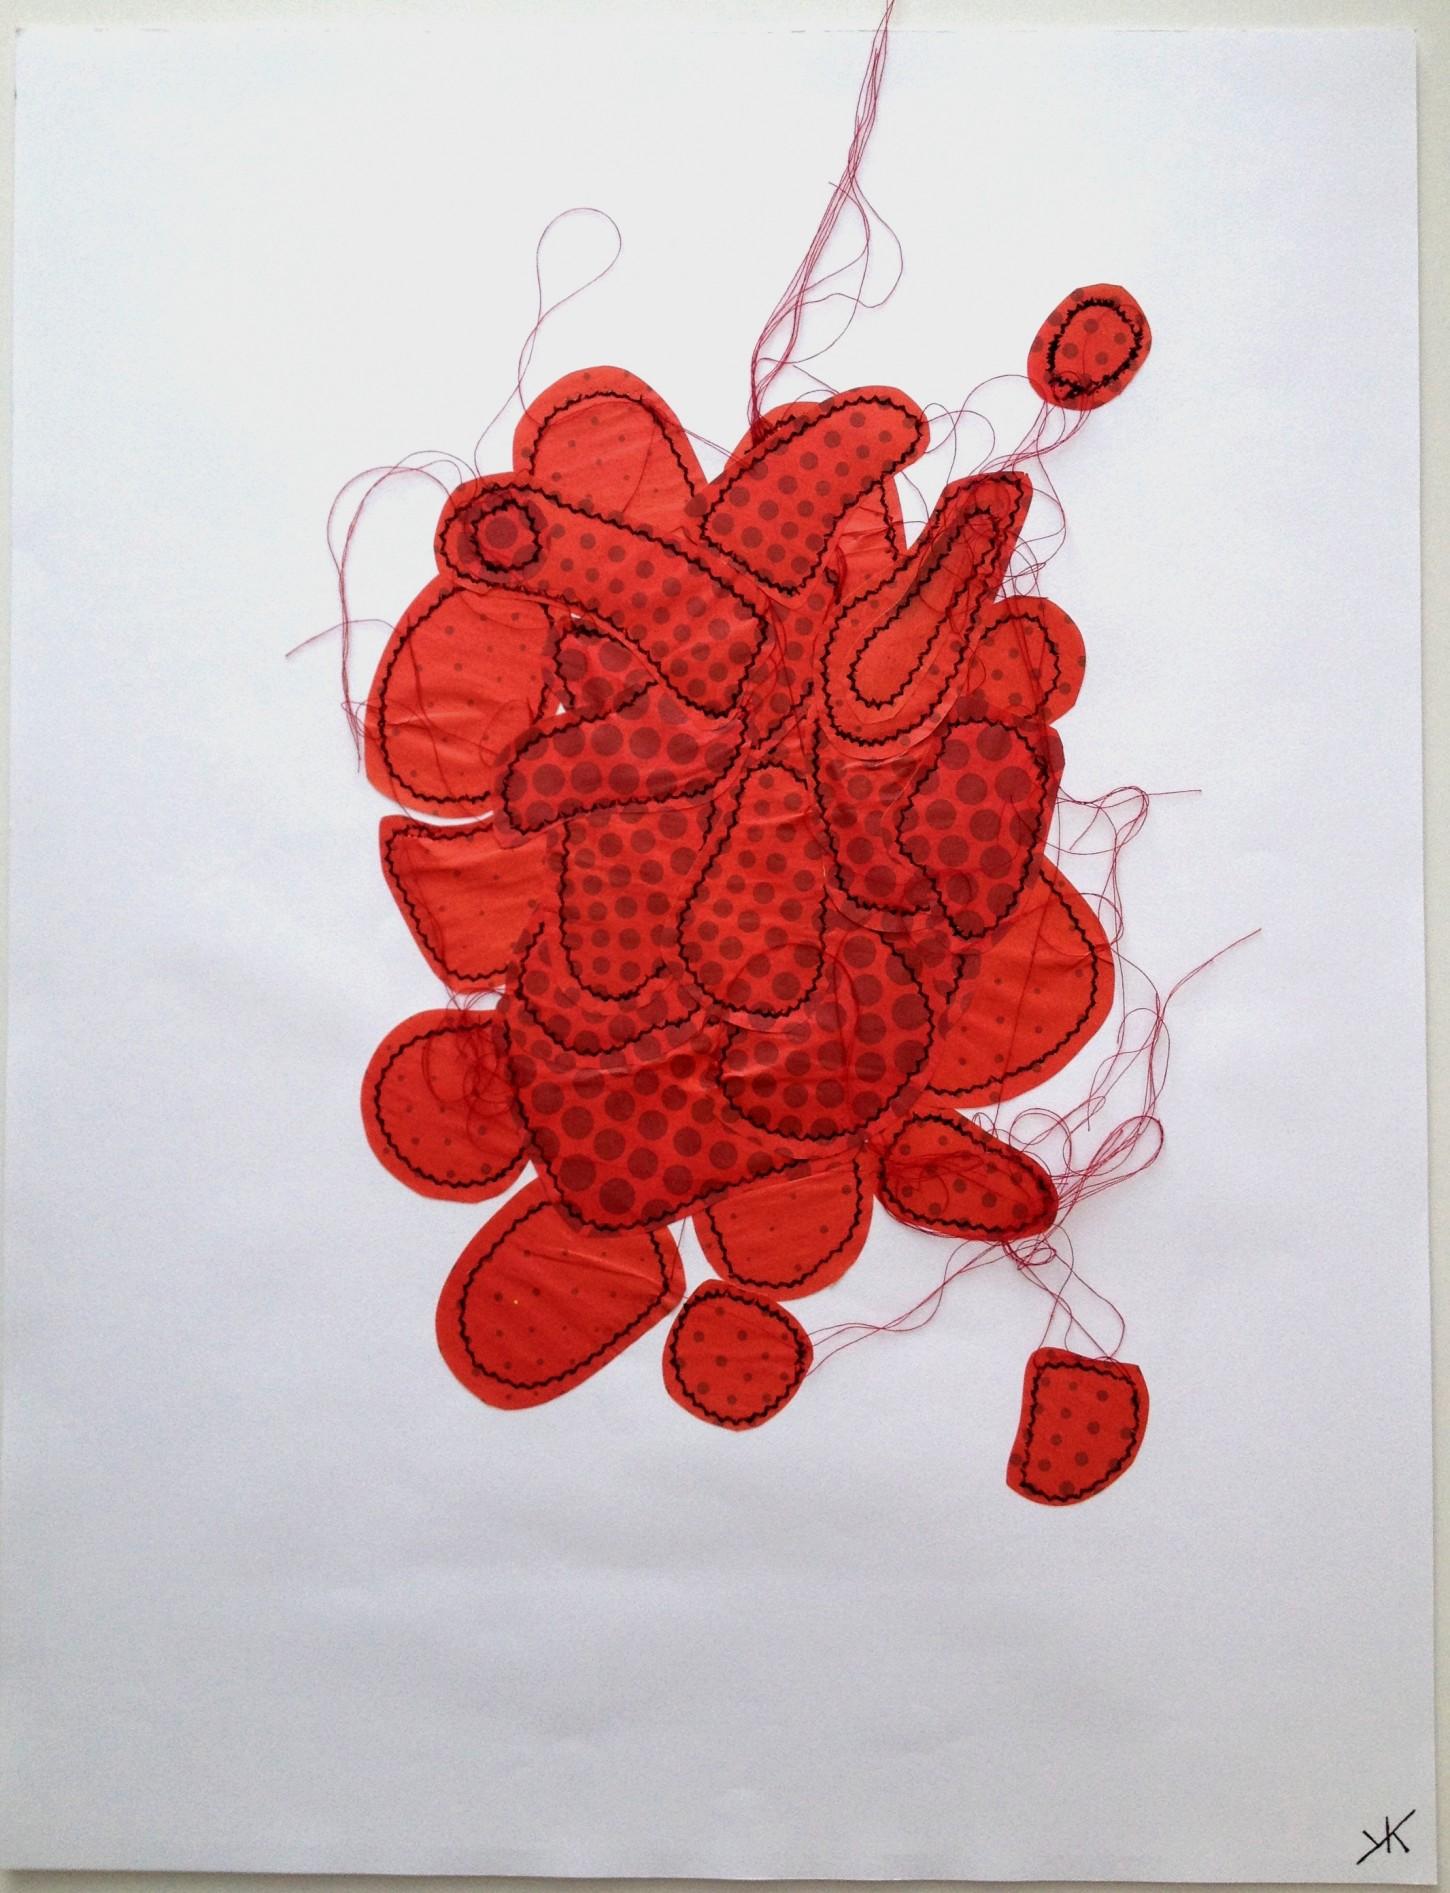 fils noirs et rouges, papiers sur canson 50x65 cm